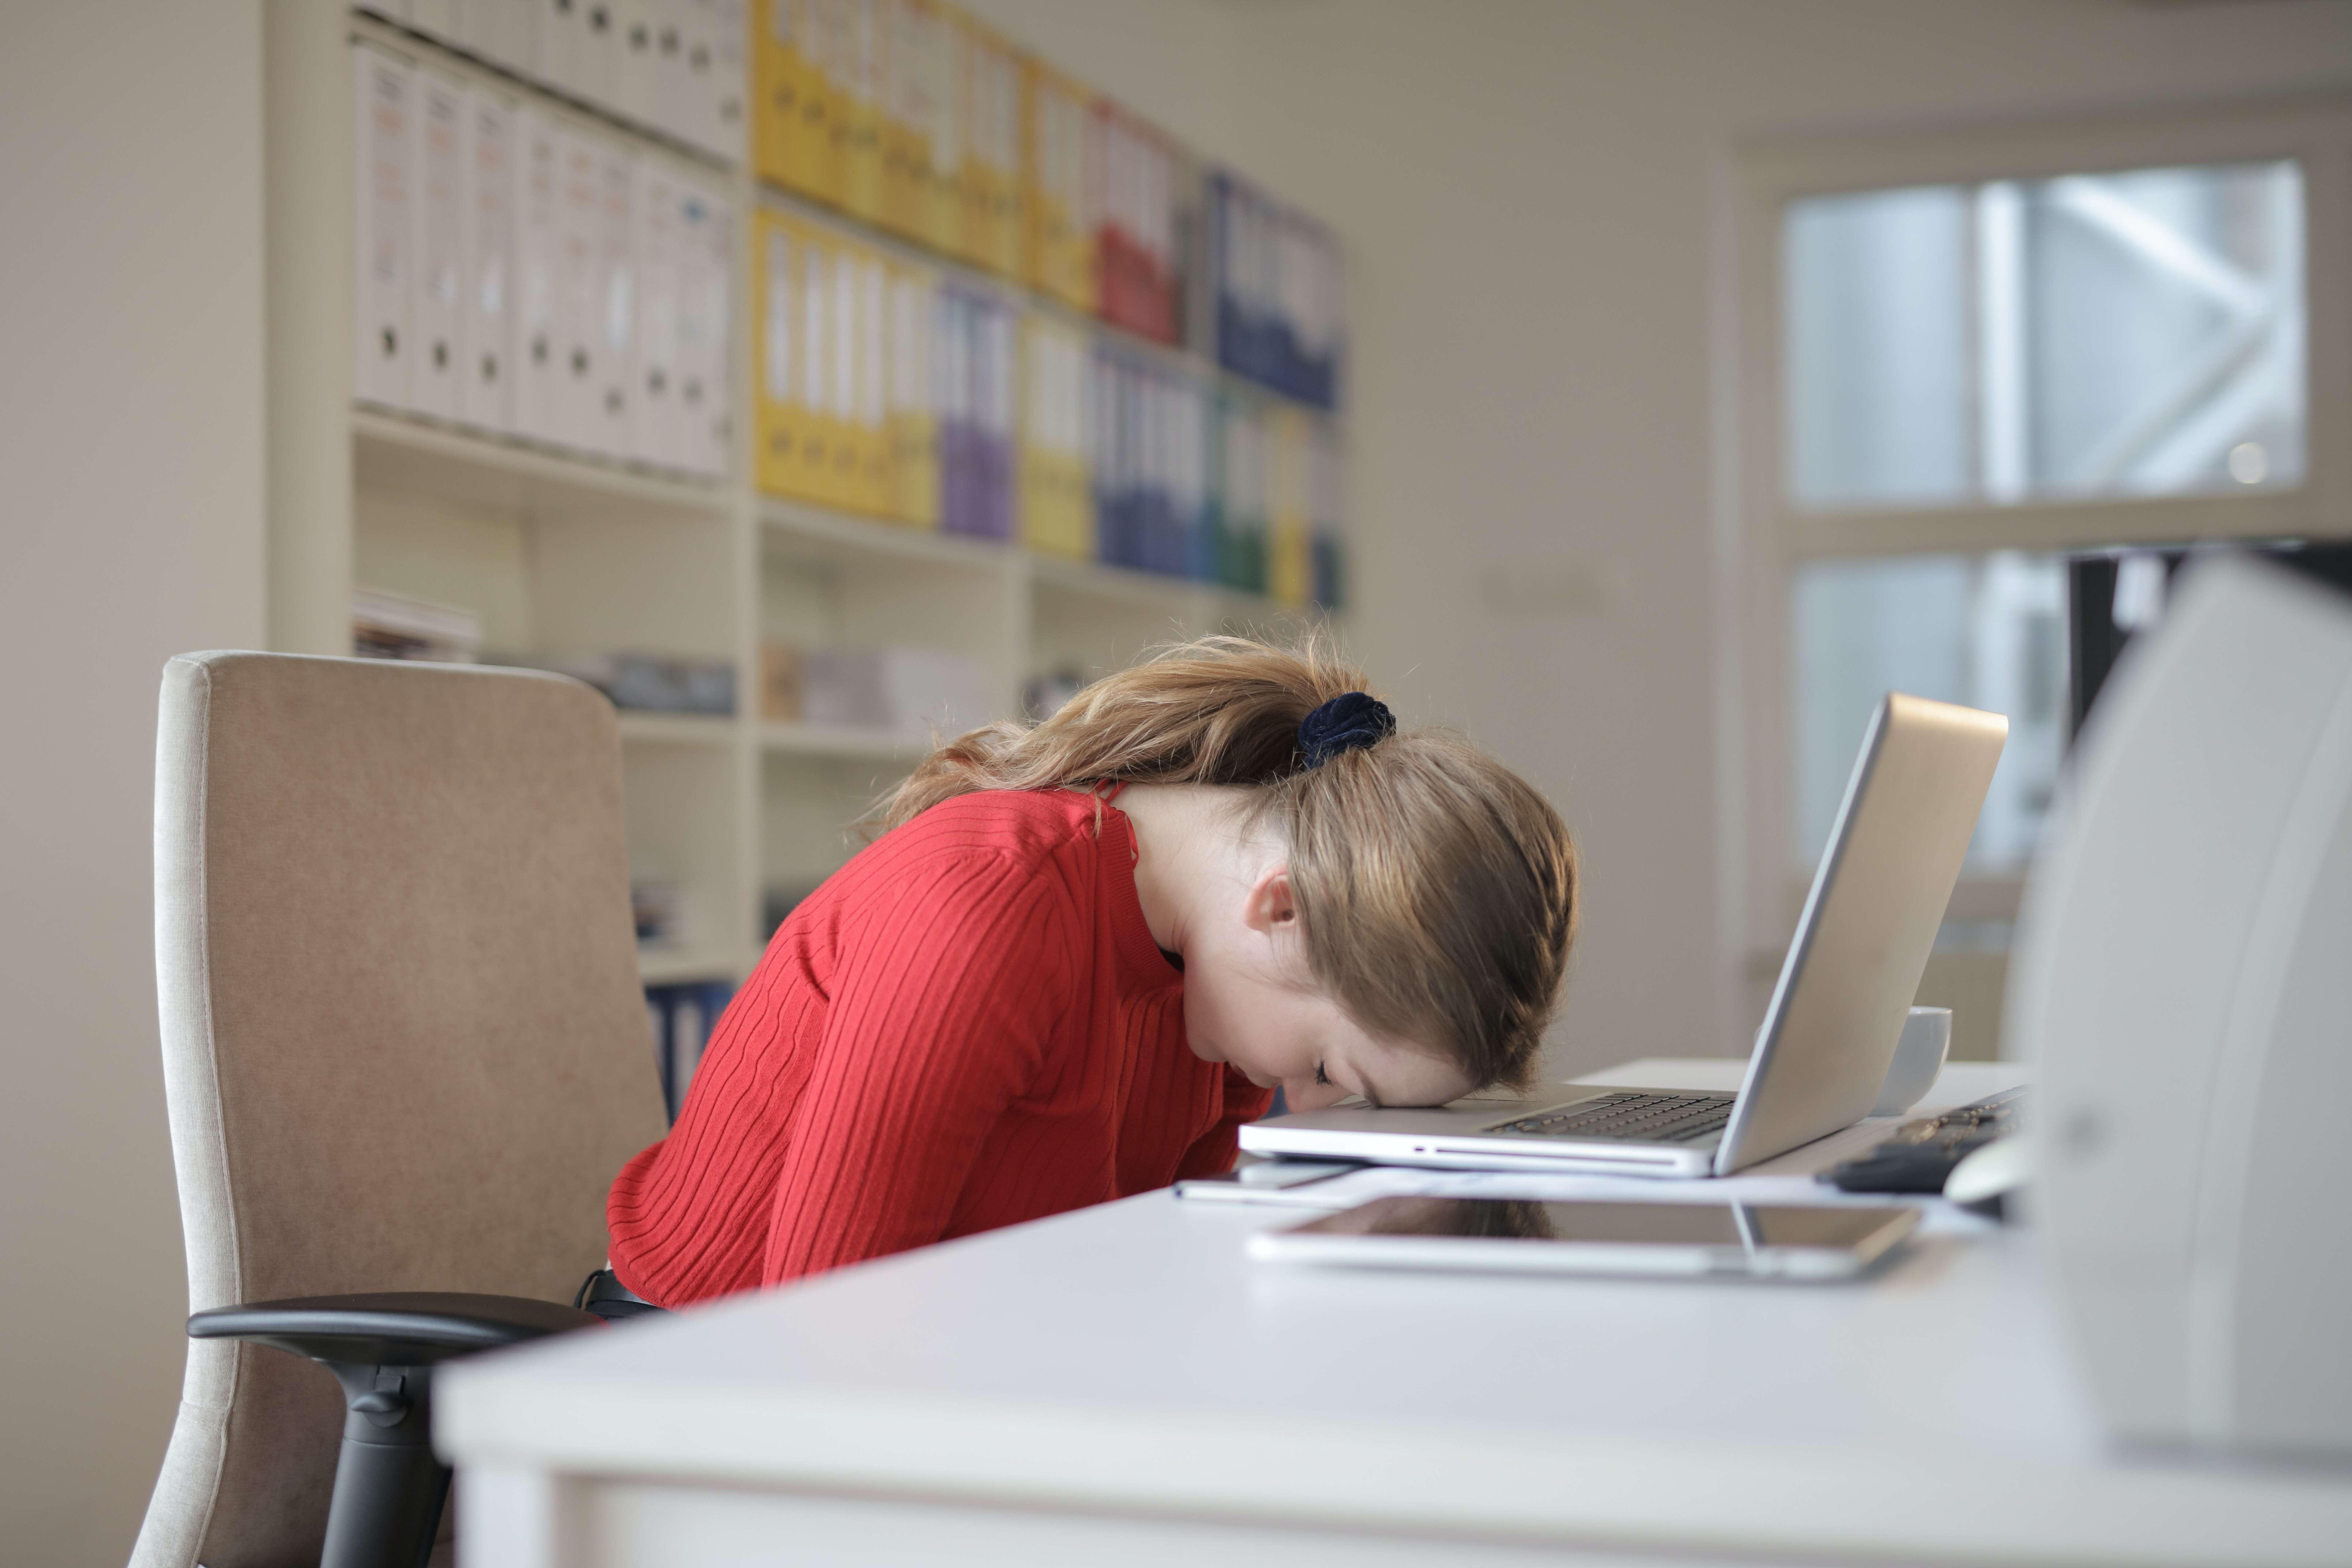 מיטה איכותית תעזור עם חוסר שינה